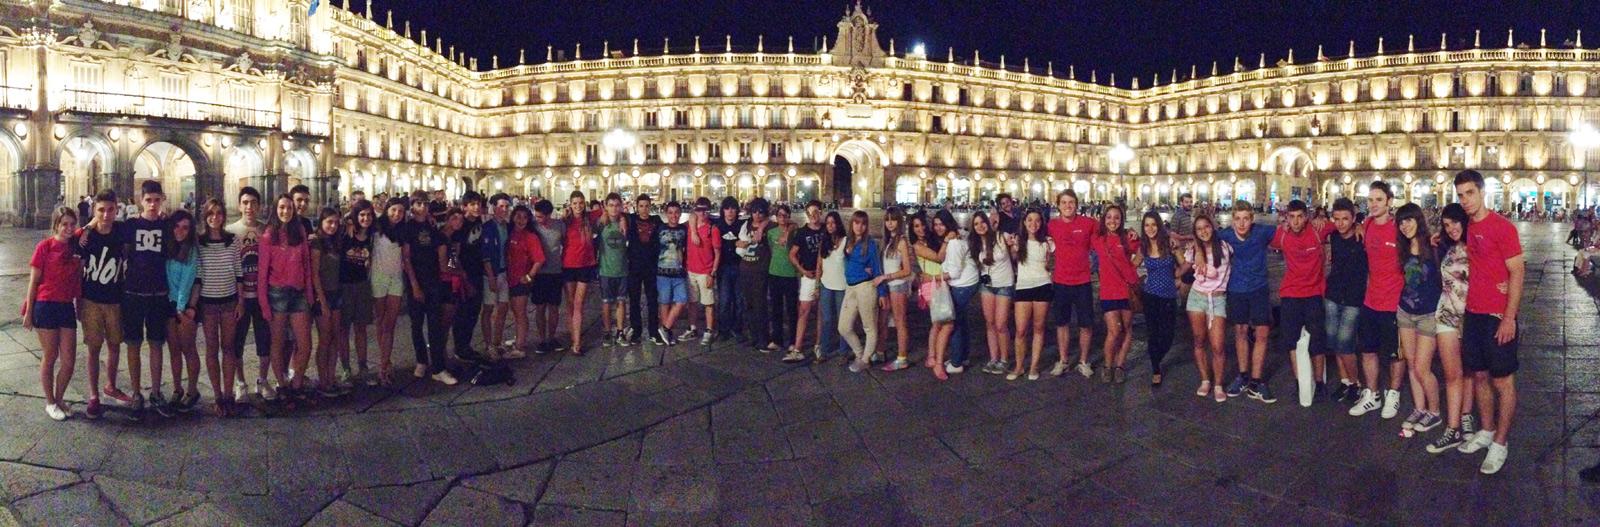 Visita a Salamanca por la noche en el campamento de verano